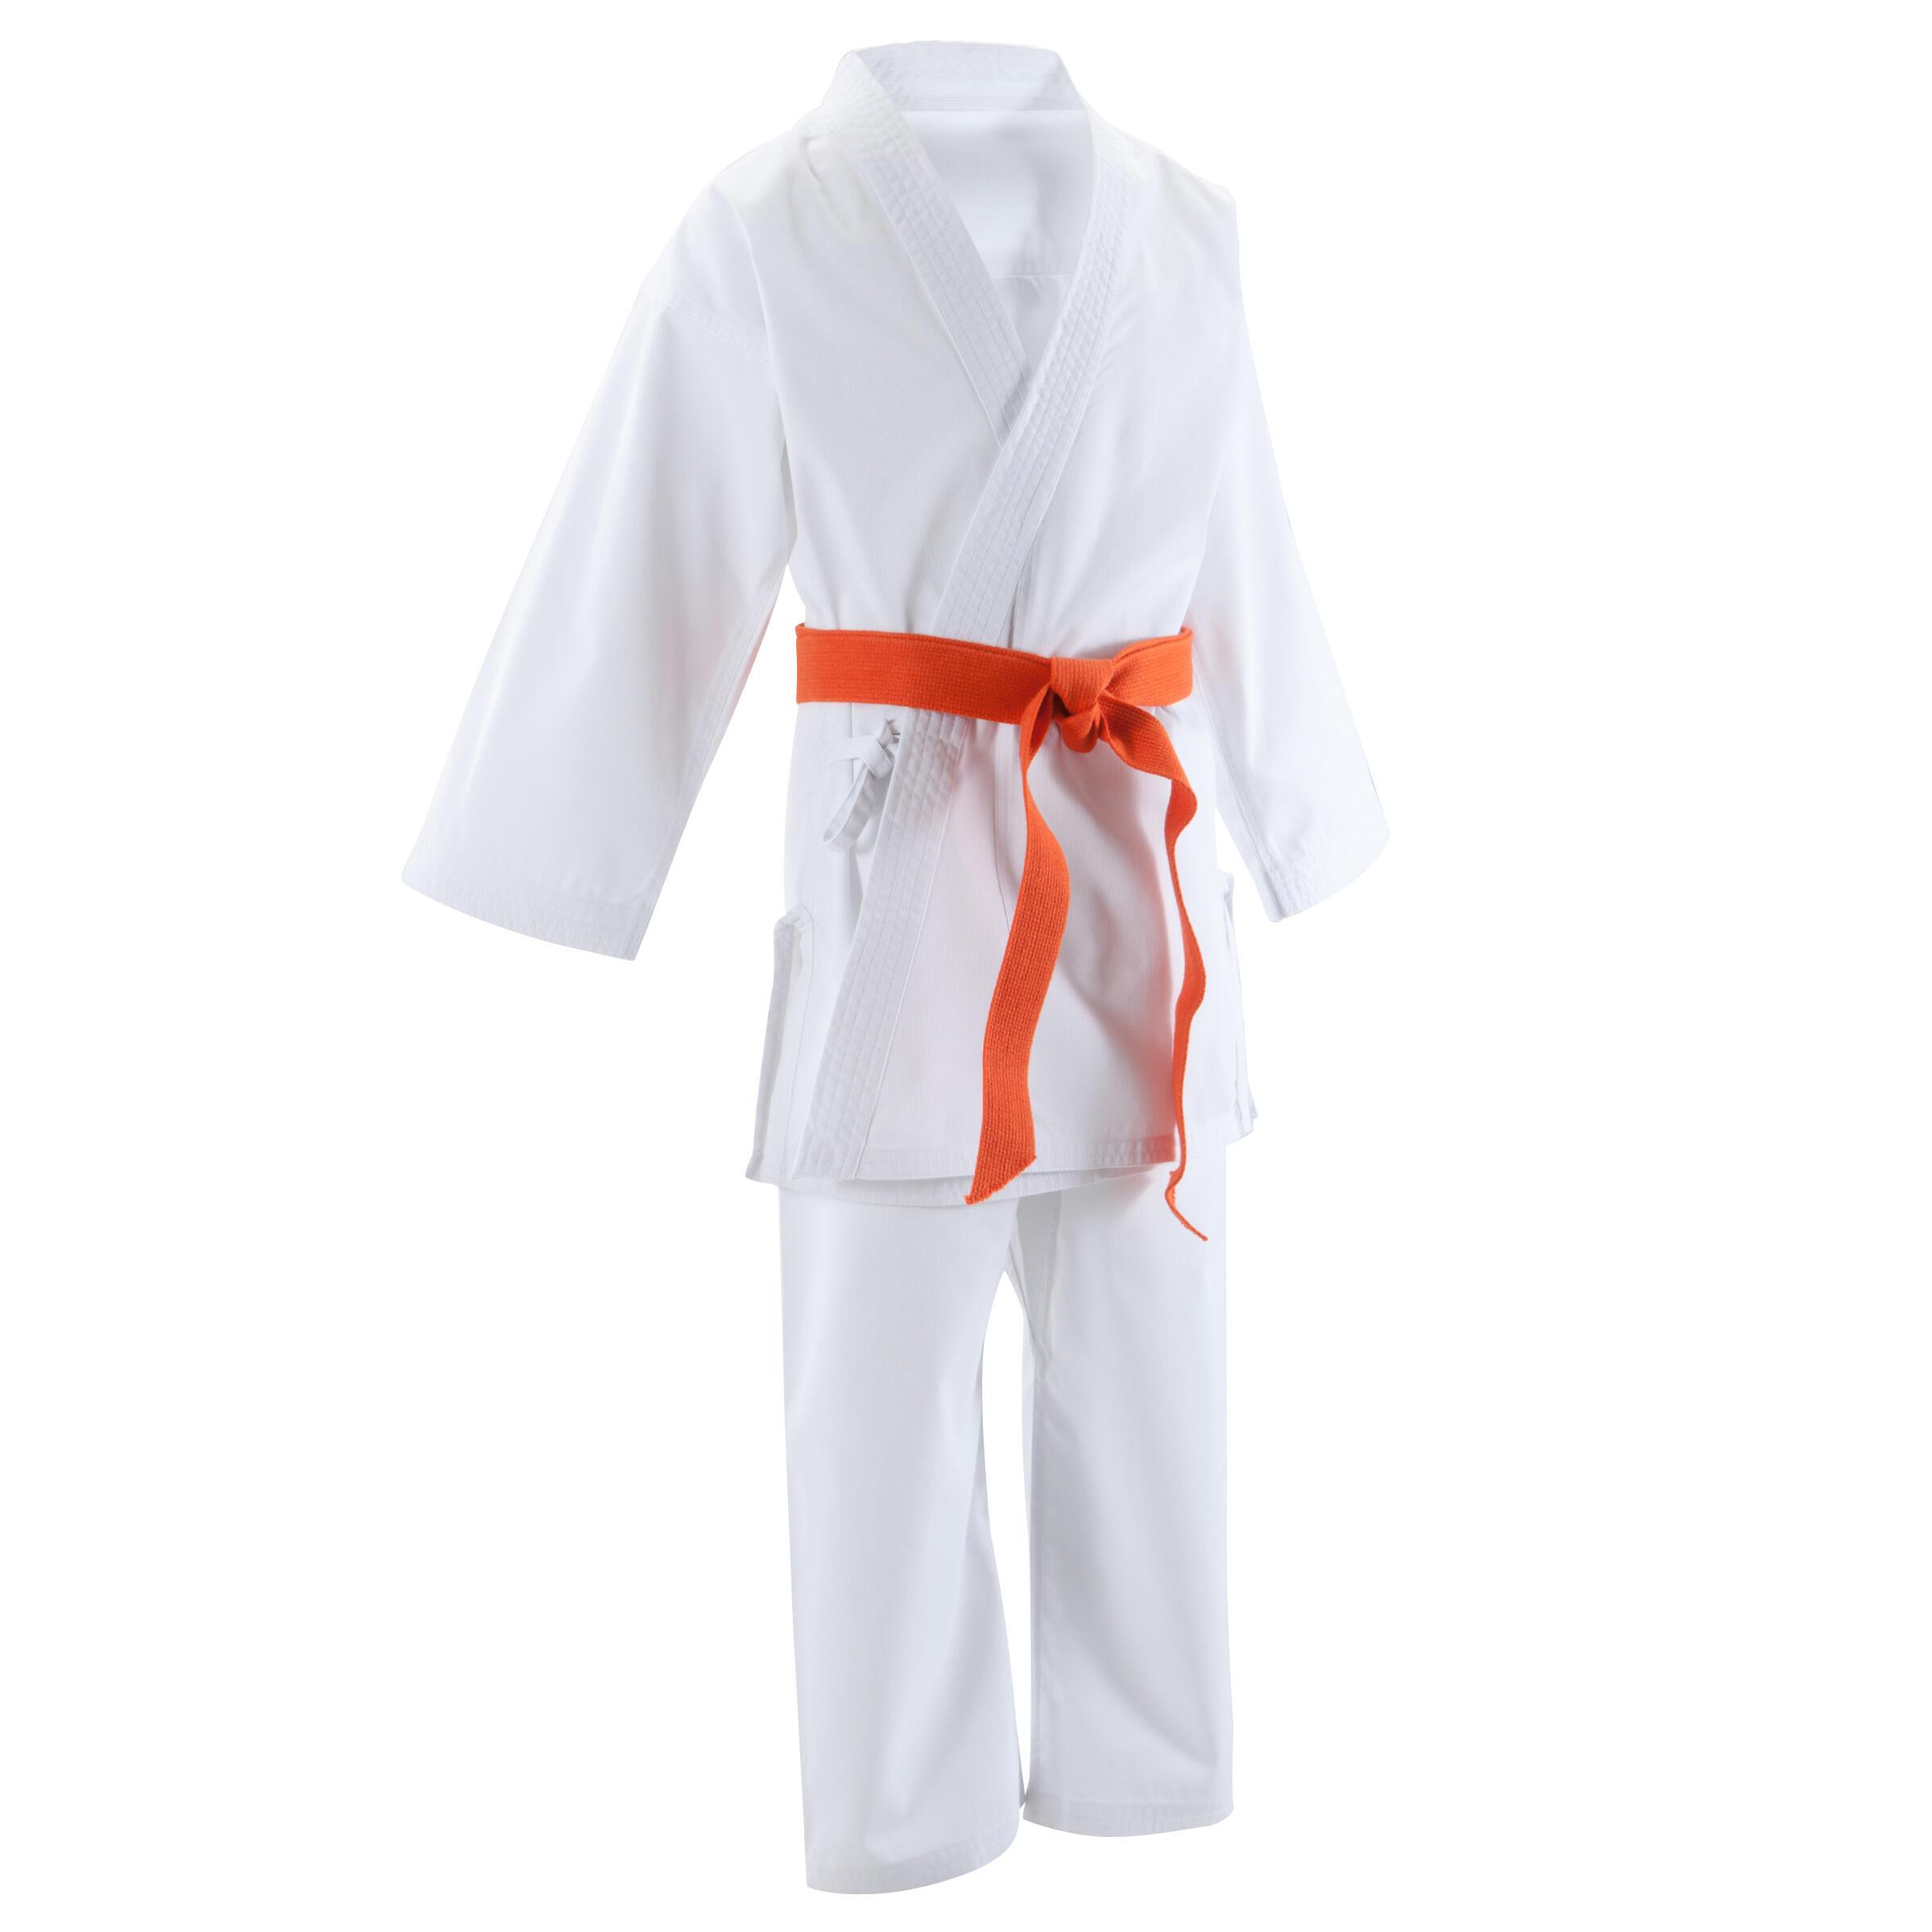 Outshock Karatepak 240 voor kinderen